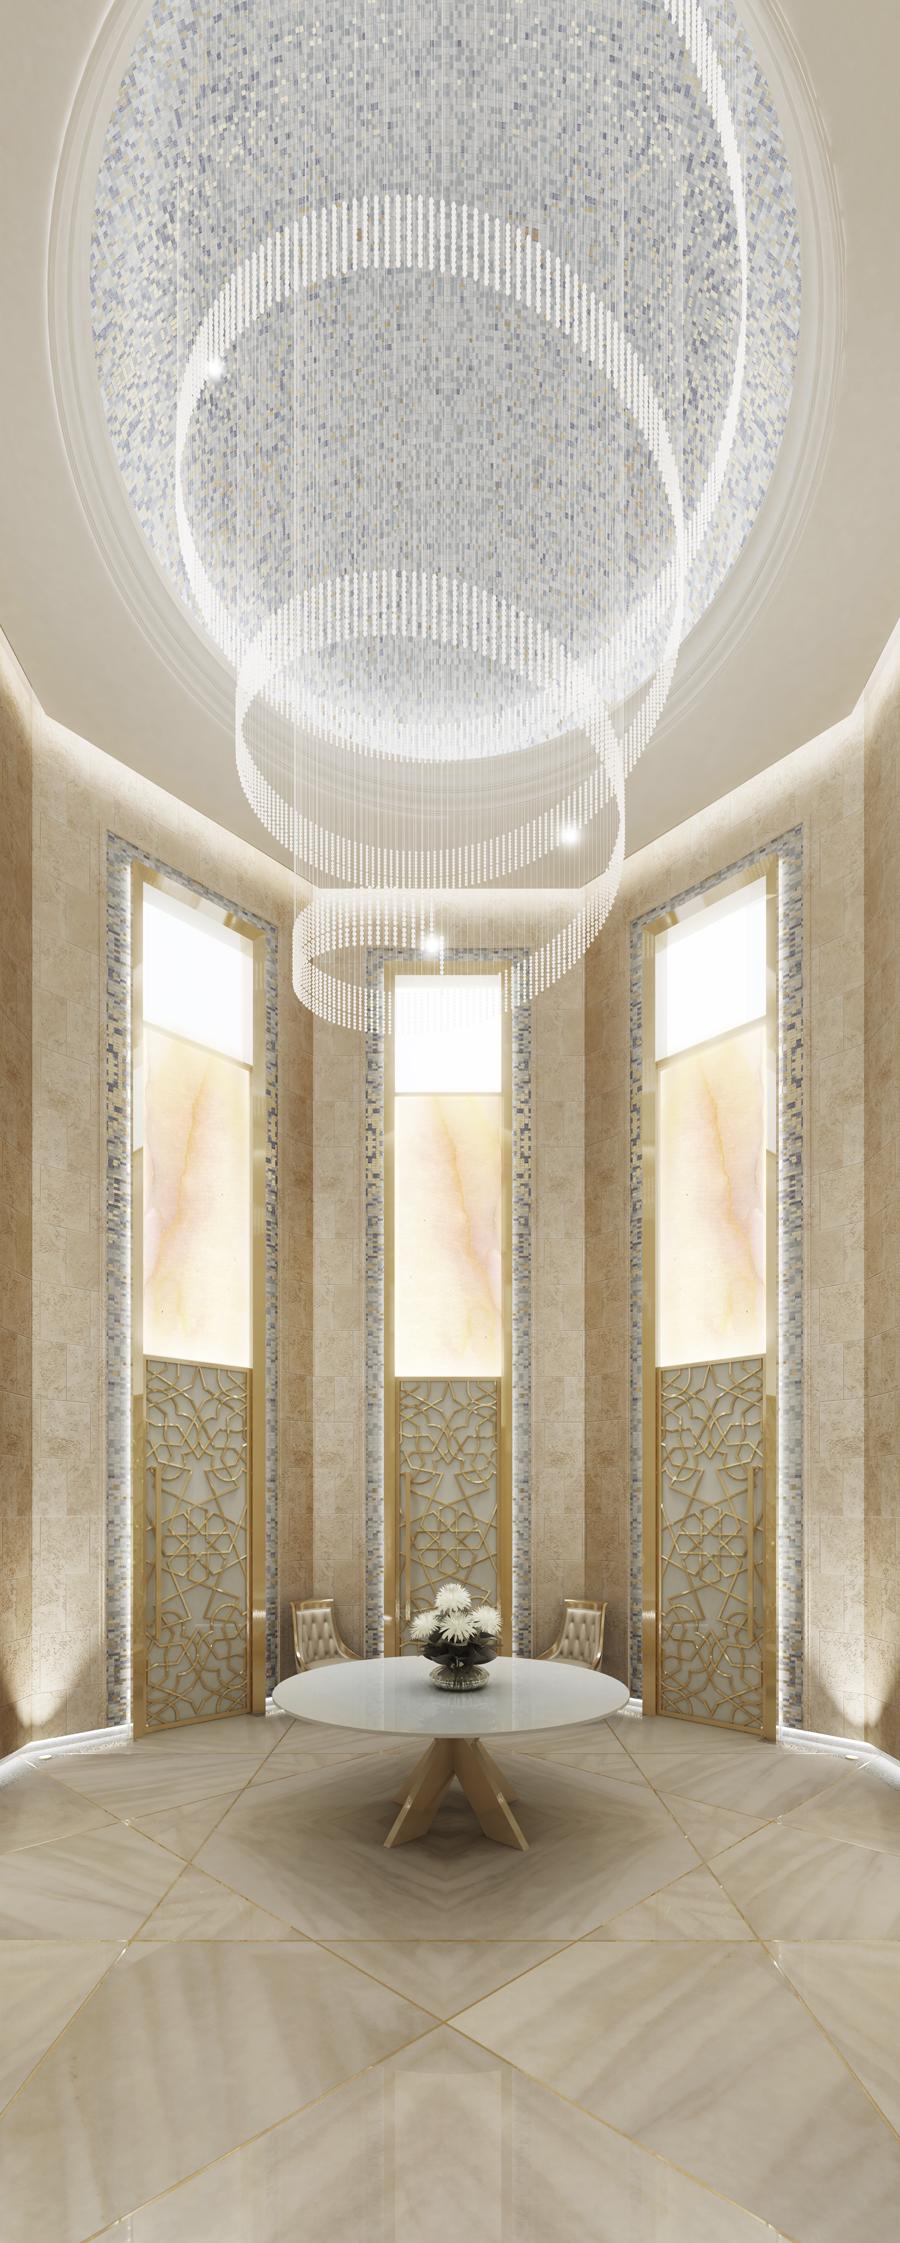 Superb Lobby of Spa Interior Design